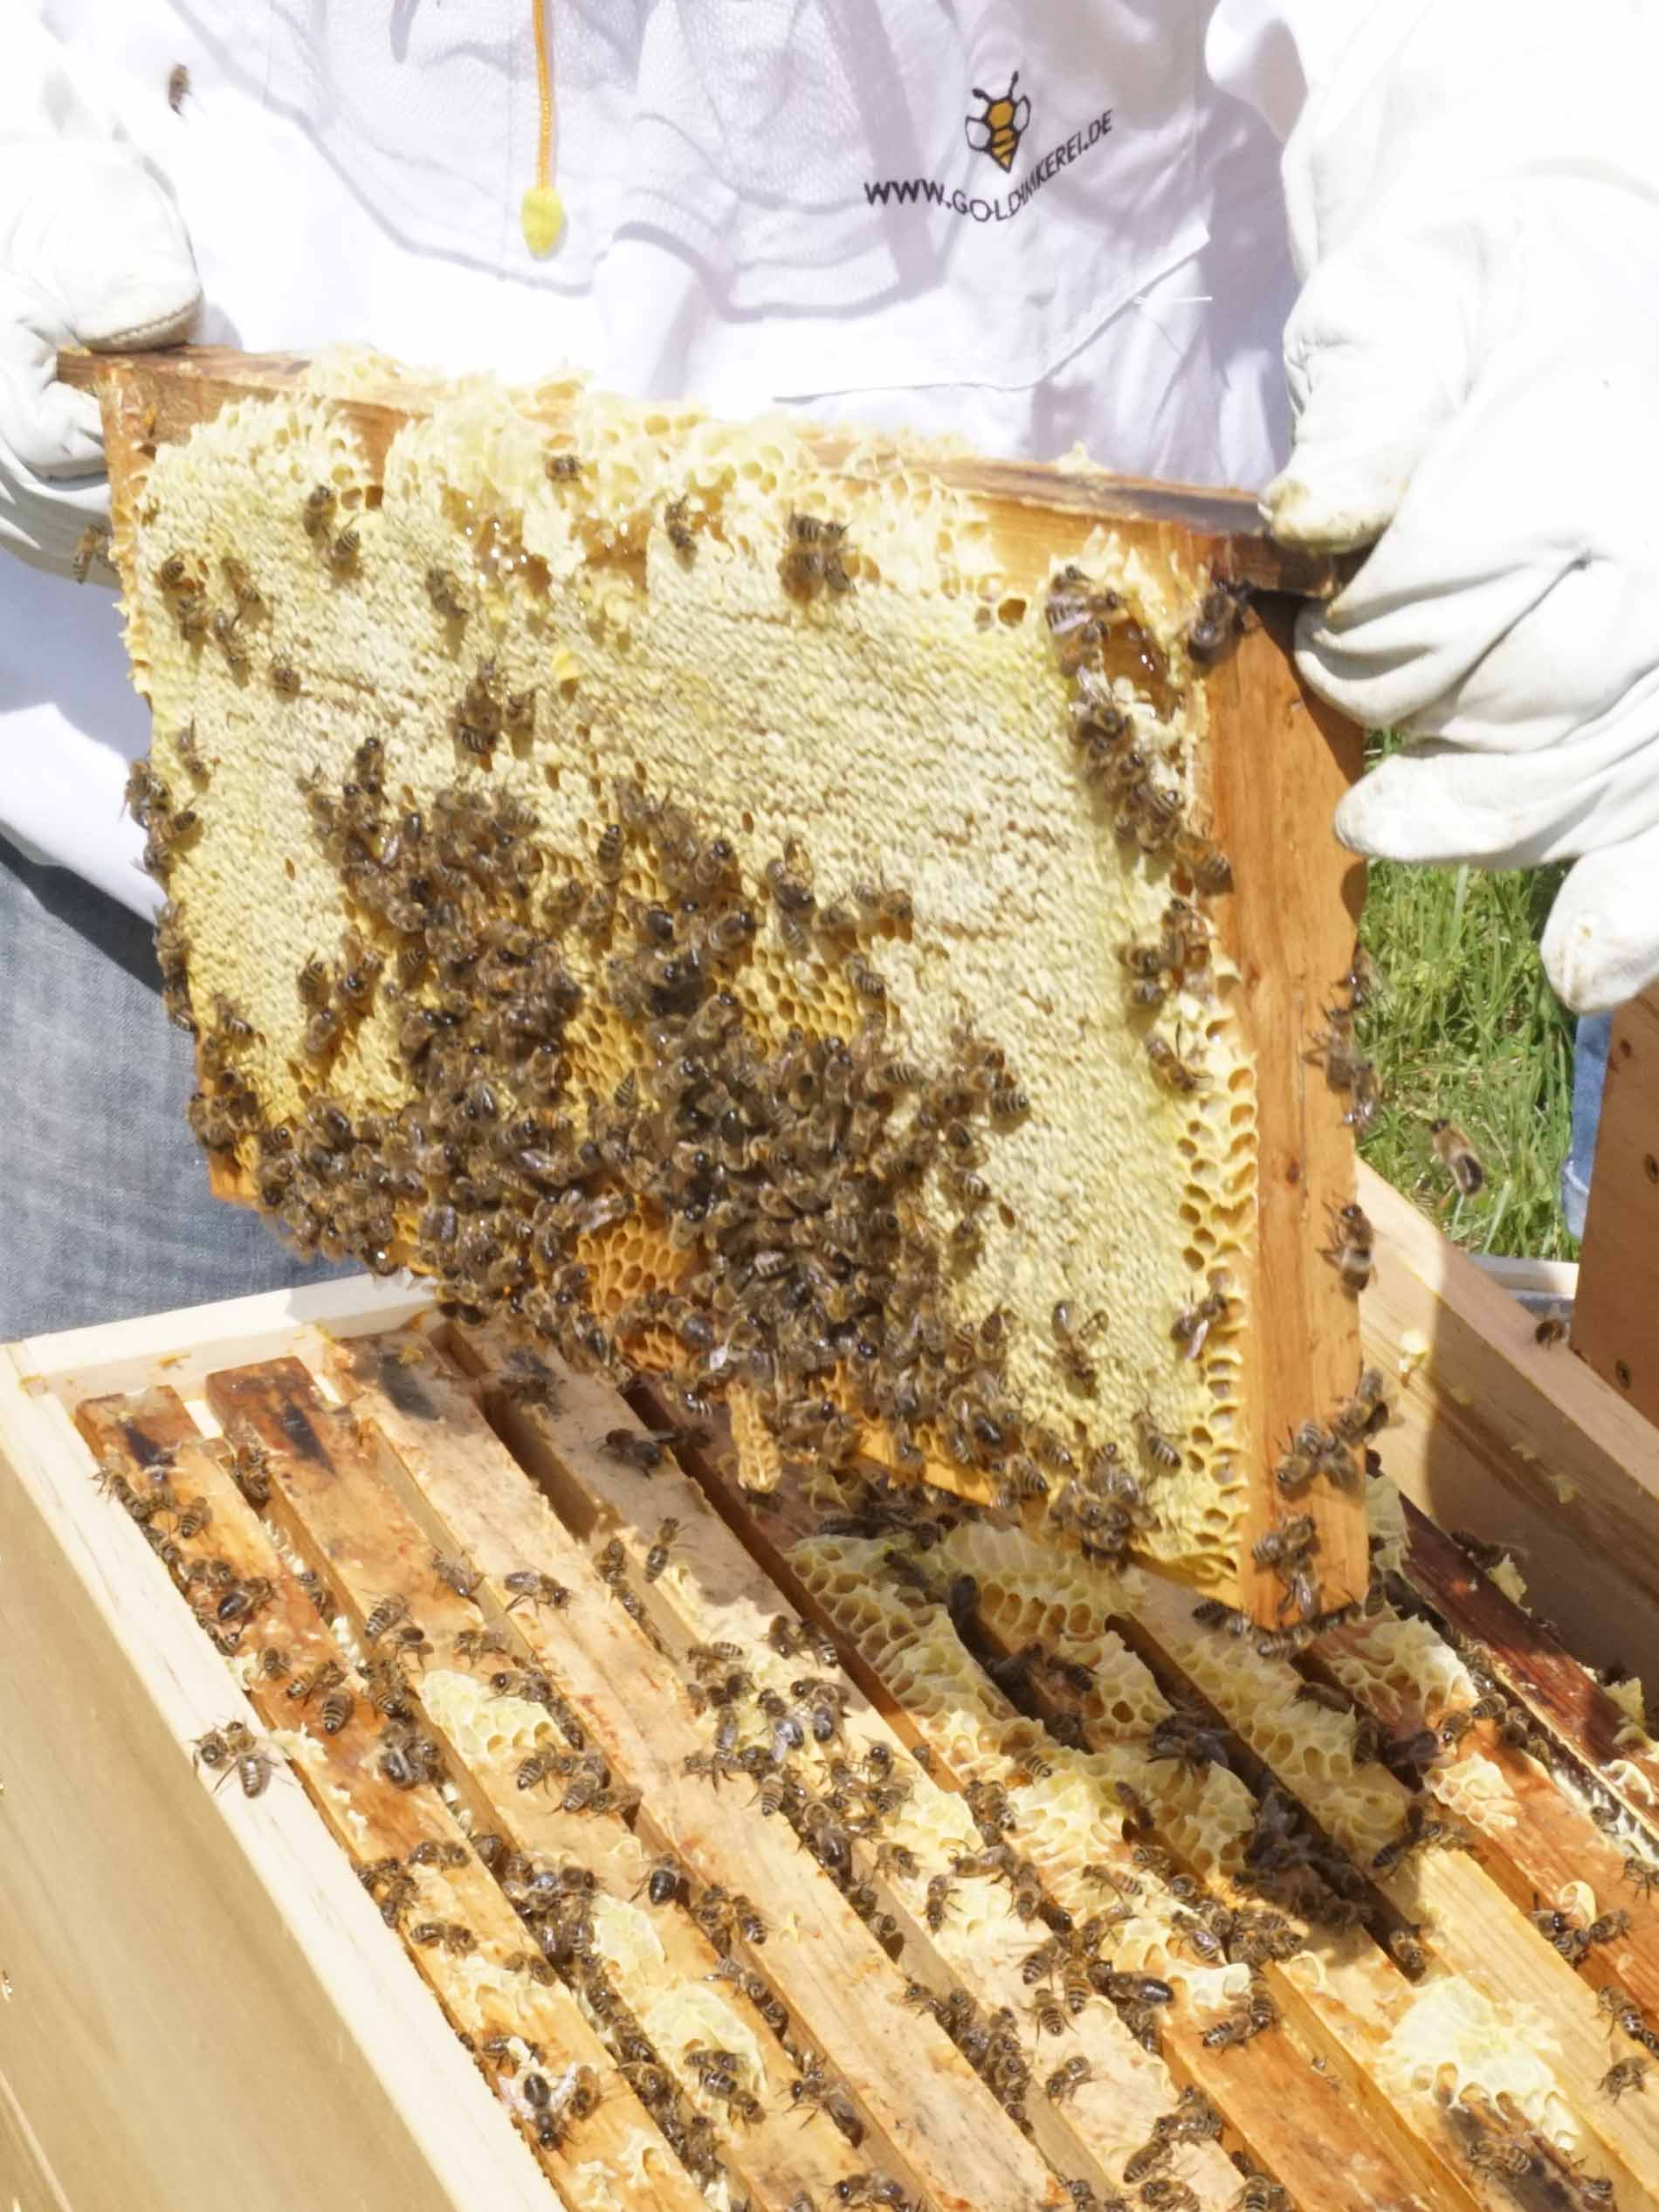 Imker in weißer Schutzkleidung entnimmt einen Wabenrahmen aus dem Bienenstock | mey®